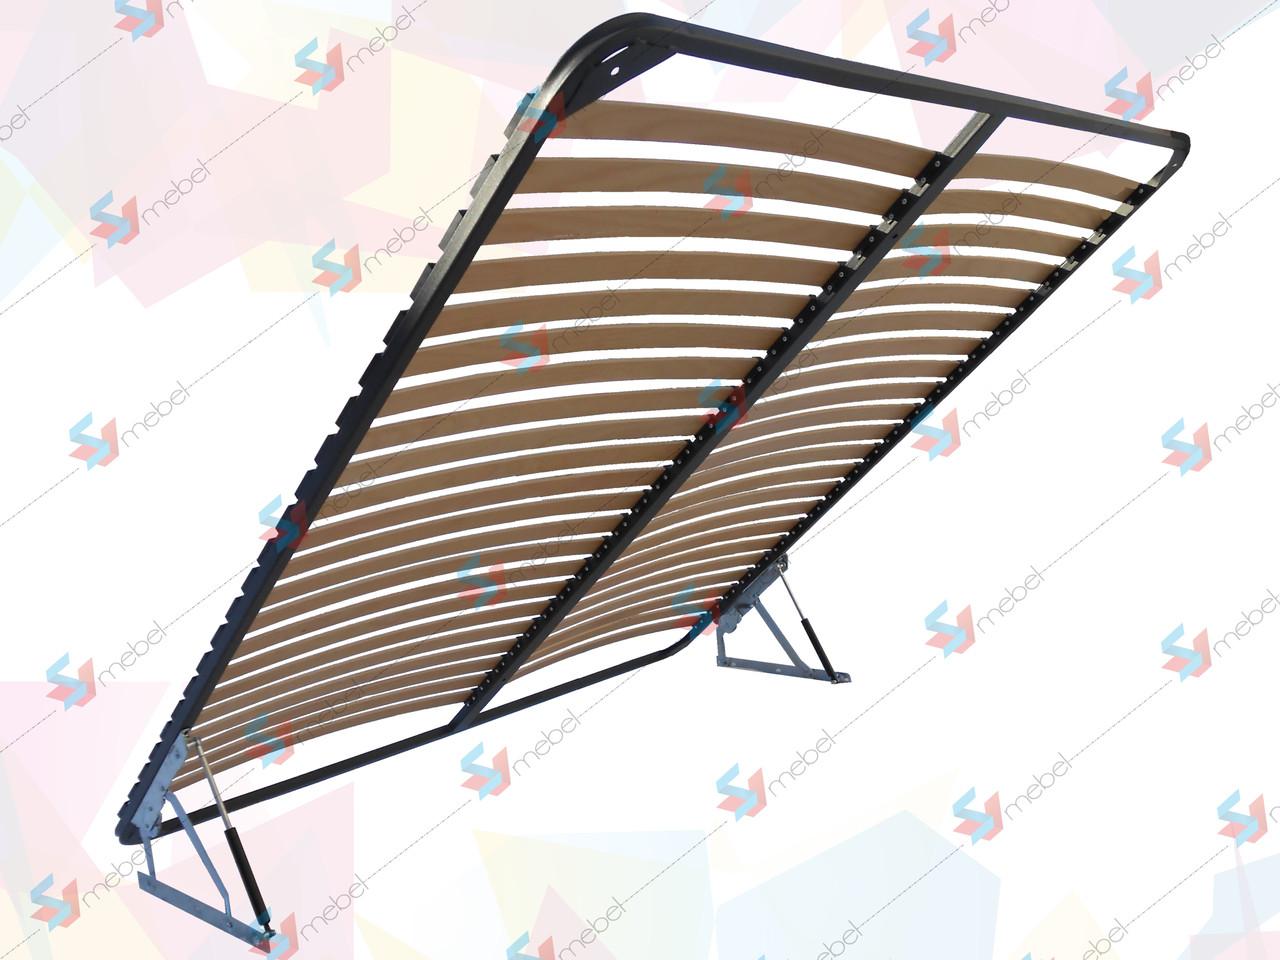 Каркас кровати ортопедический двухспальный с подъемным механизмом(без фиксатора) 2000х1600 мм - SVmebel в Мелитополе